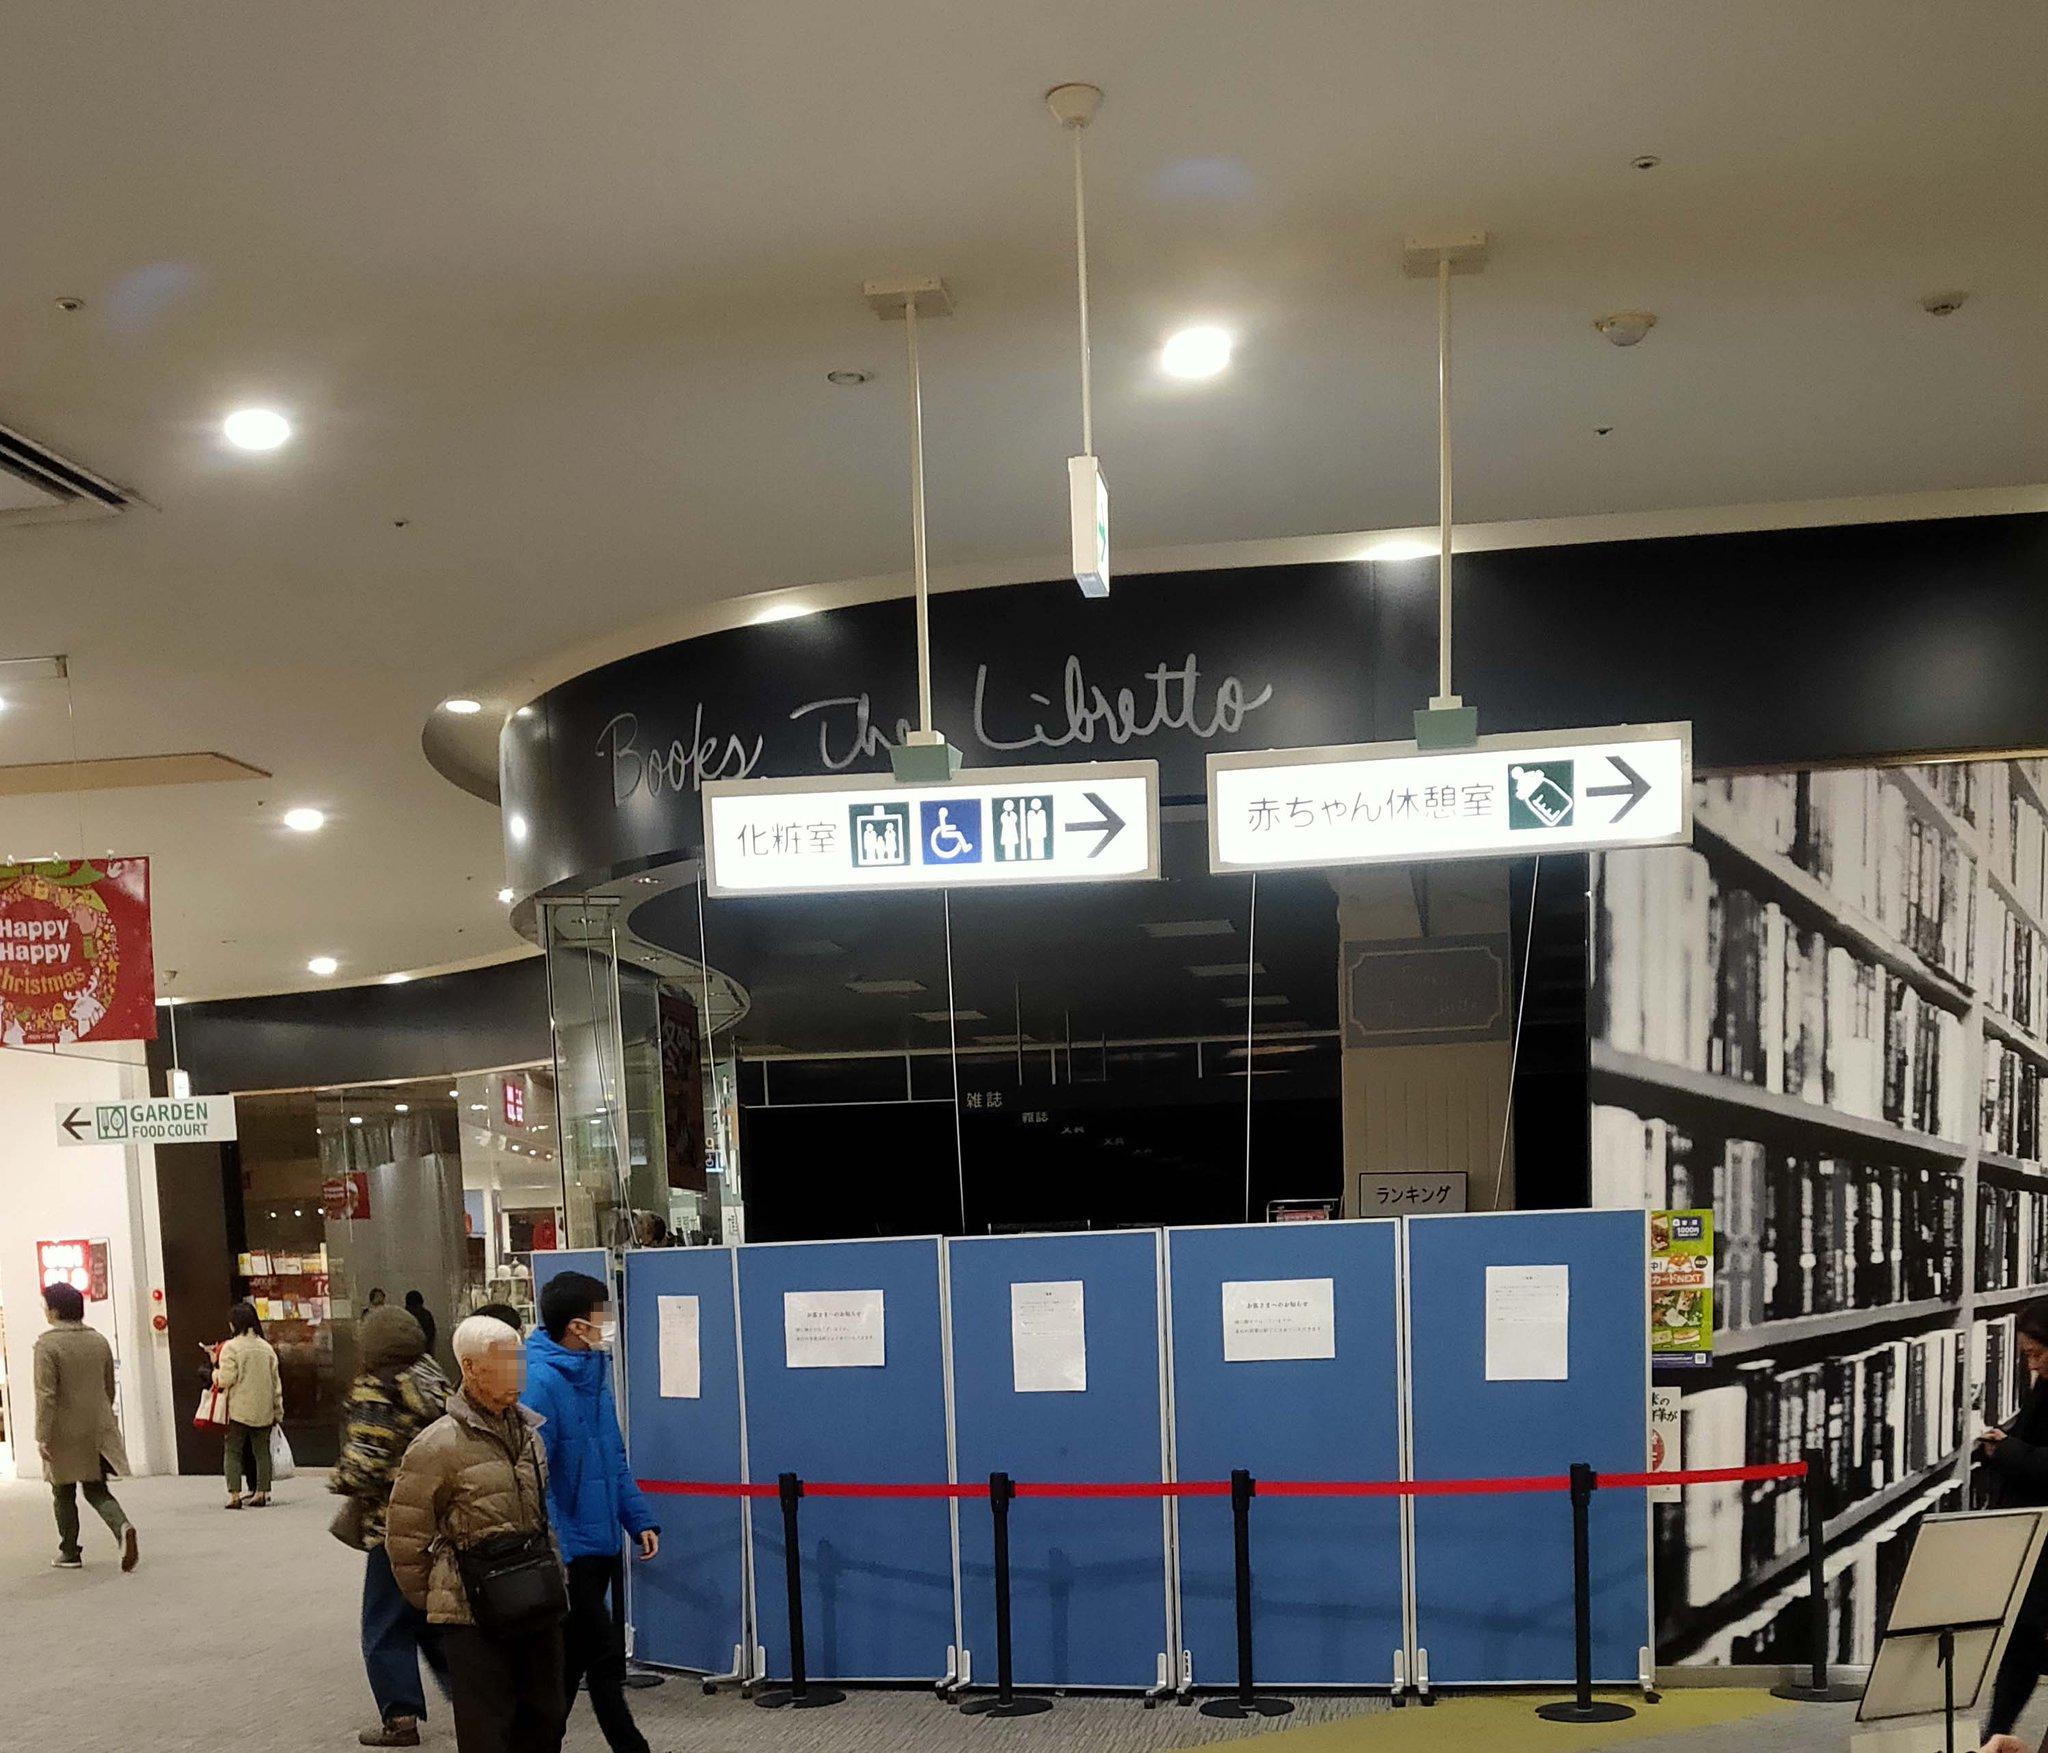 画像,破産手続きが開始された大和書店のリブレット、やっぱり閉鎖されていた。本当に本屋には厳しい時代やわ。。 https://t.co/Kbecg6RpN9…